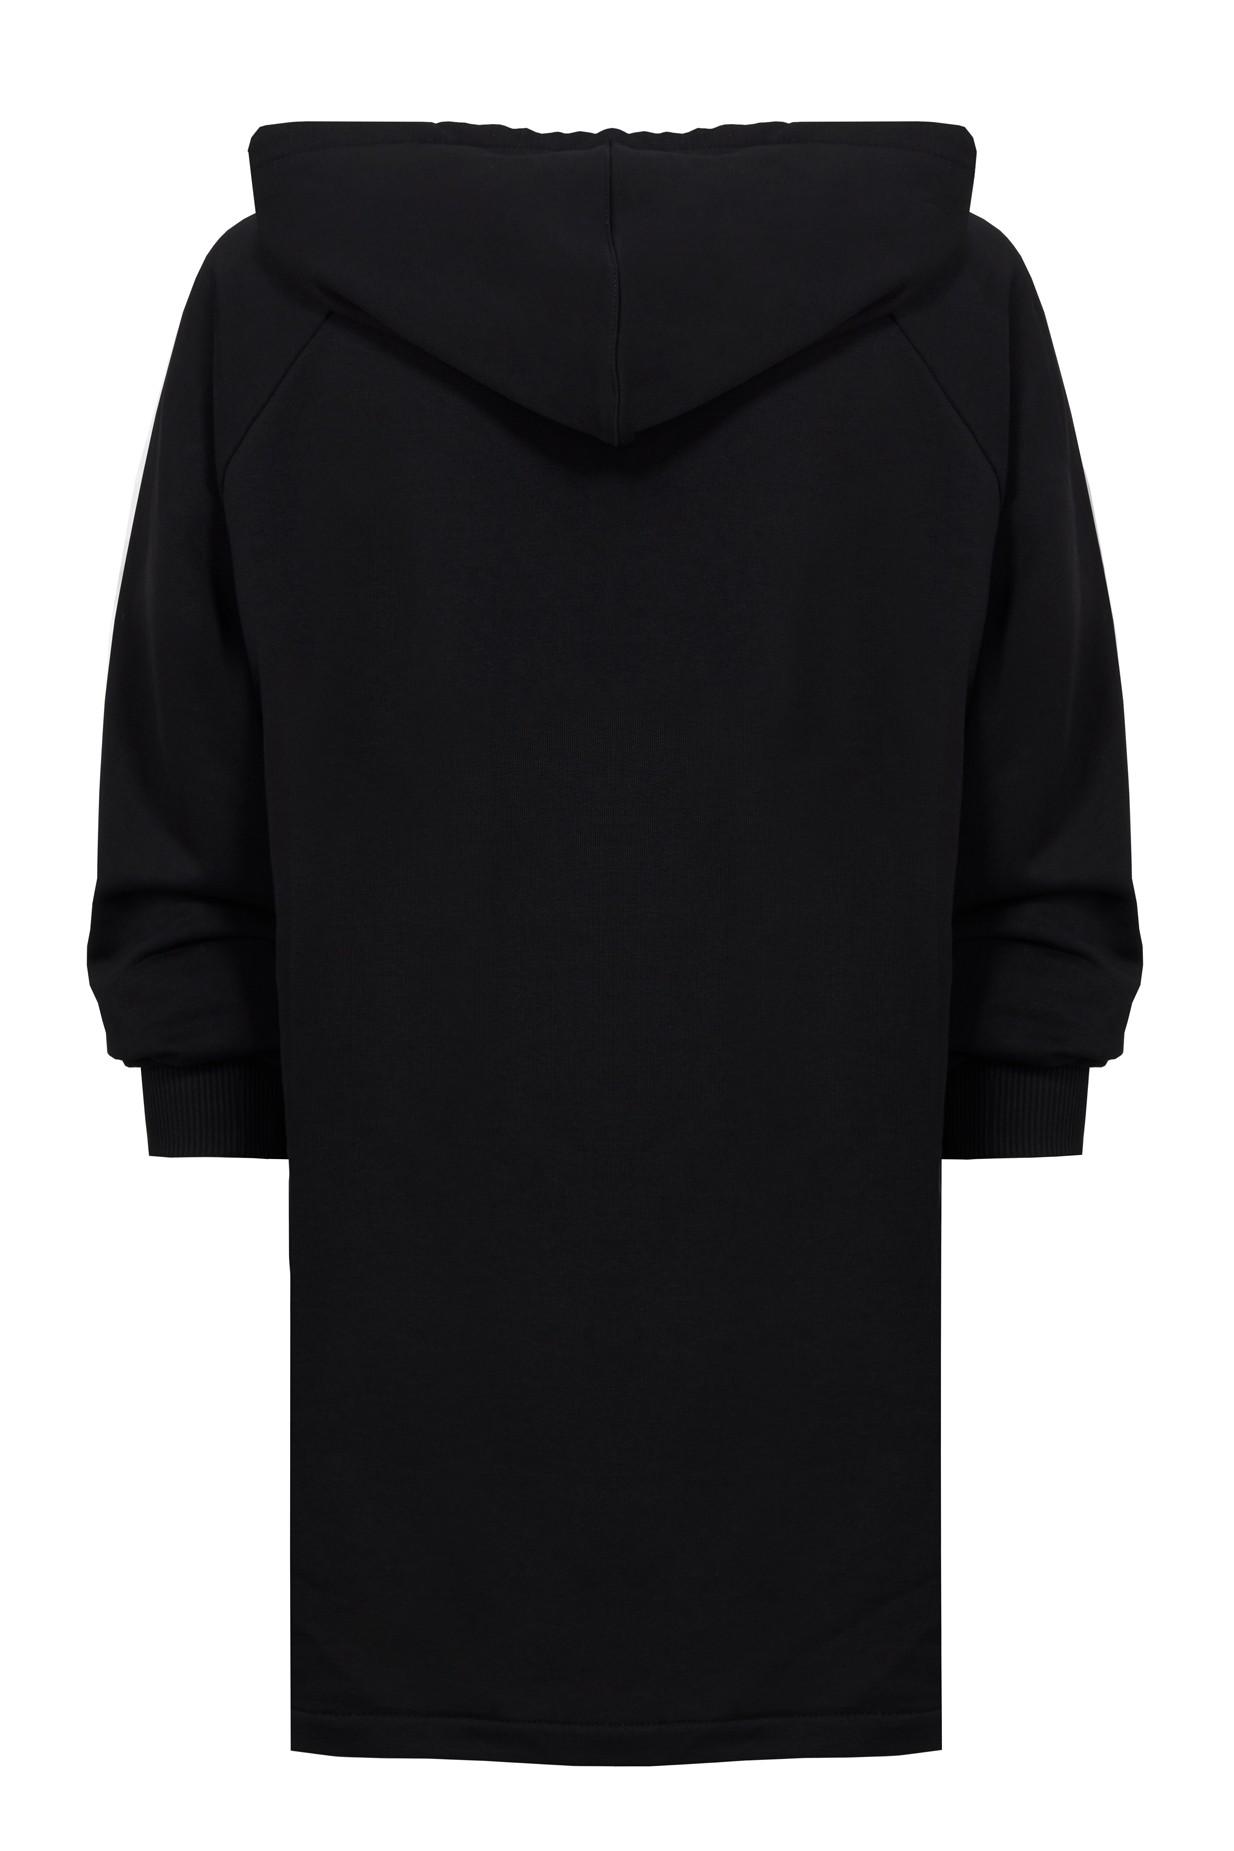 SWEATSHIRT DRESS LOOK 02